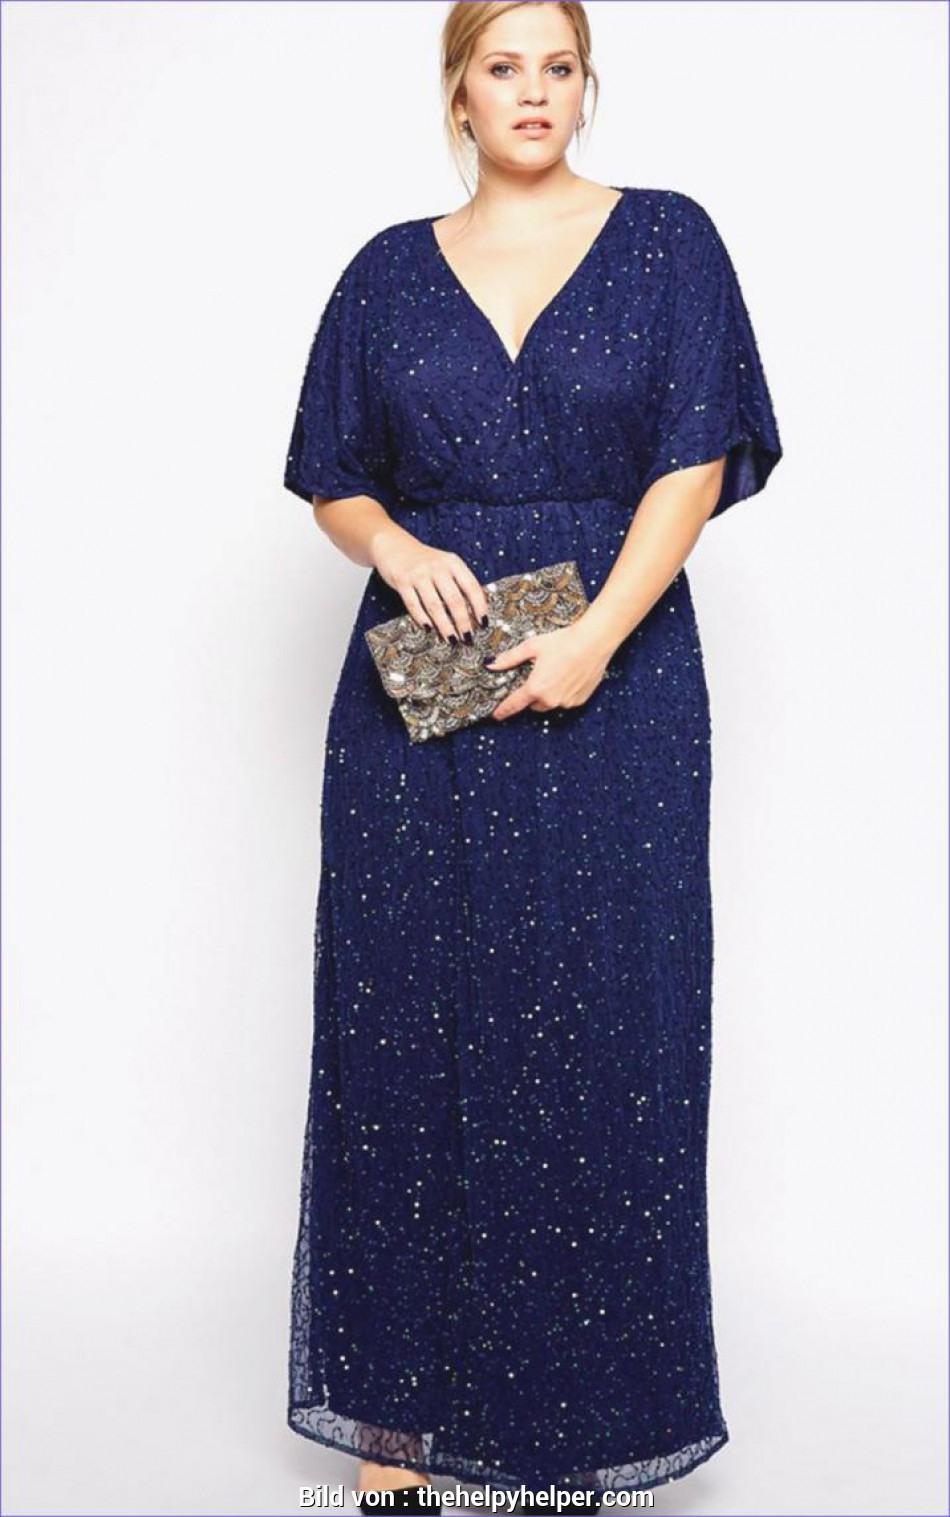 Abend Cool Abendkleid Xxl Günstig Bester PreisDesigner Ausgezeichnet Abendkleid Xxl Günstig Stylish